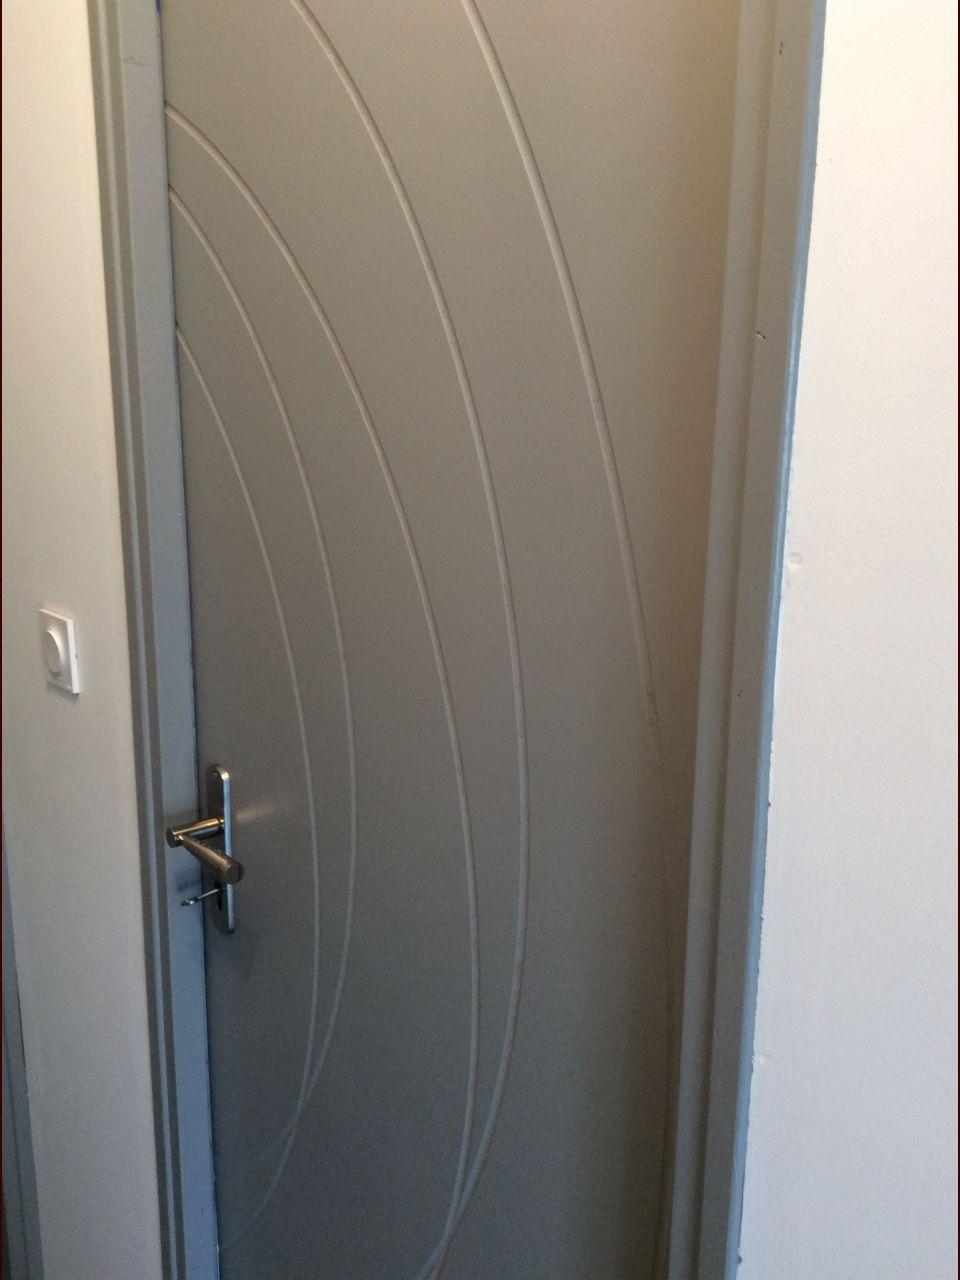 resolu] méthode peinture rainures porte gravée ? - 18 messages ... - Comment Peindre Une Porte Avec Des Rainures